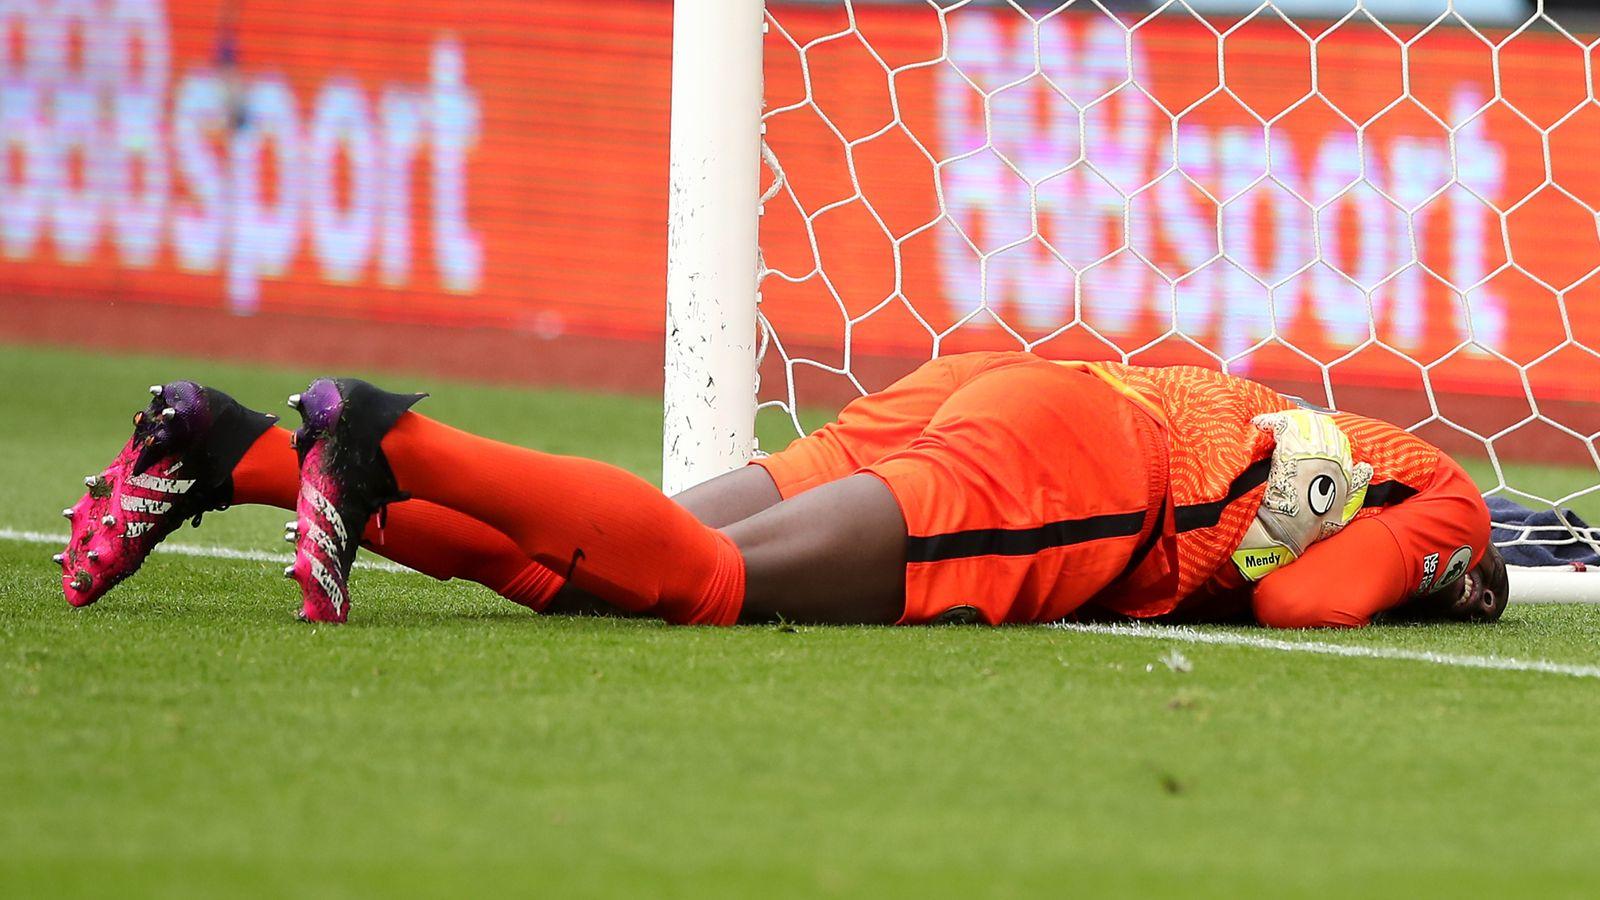 图赫尔:门迪伤到了肋骨,会排除万难让他出战欧冠决赛